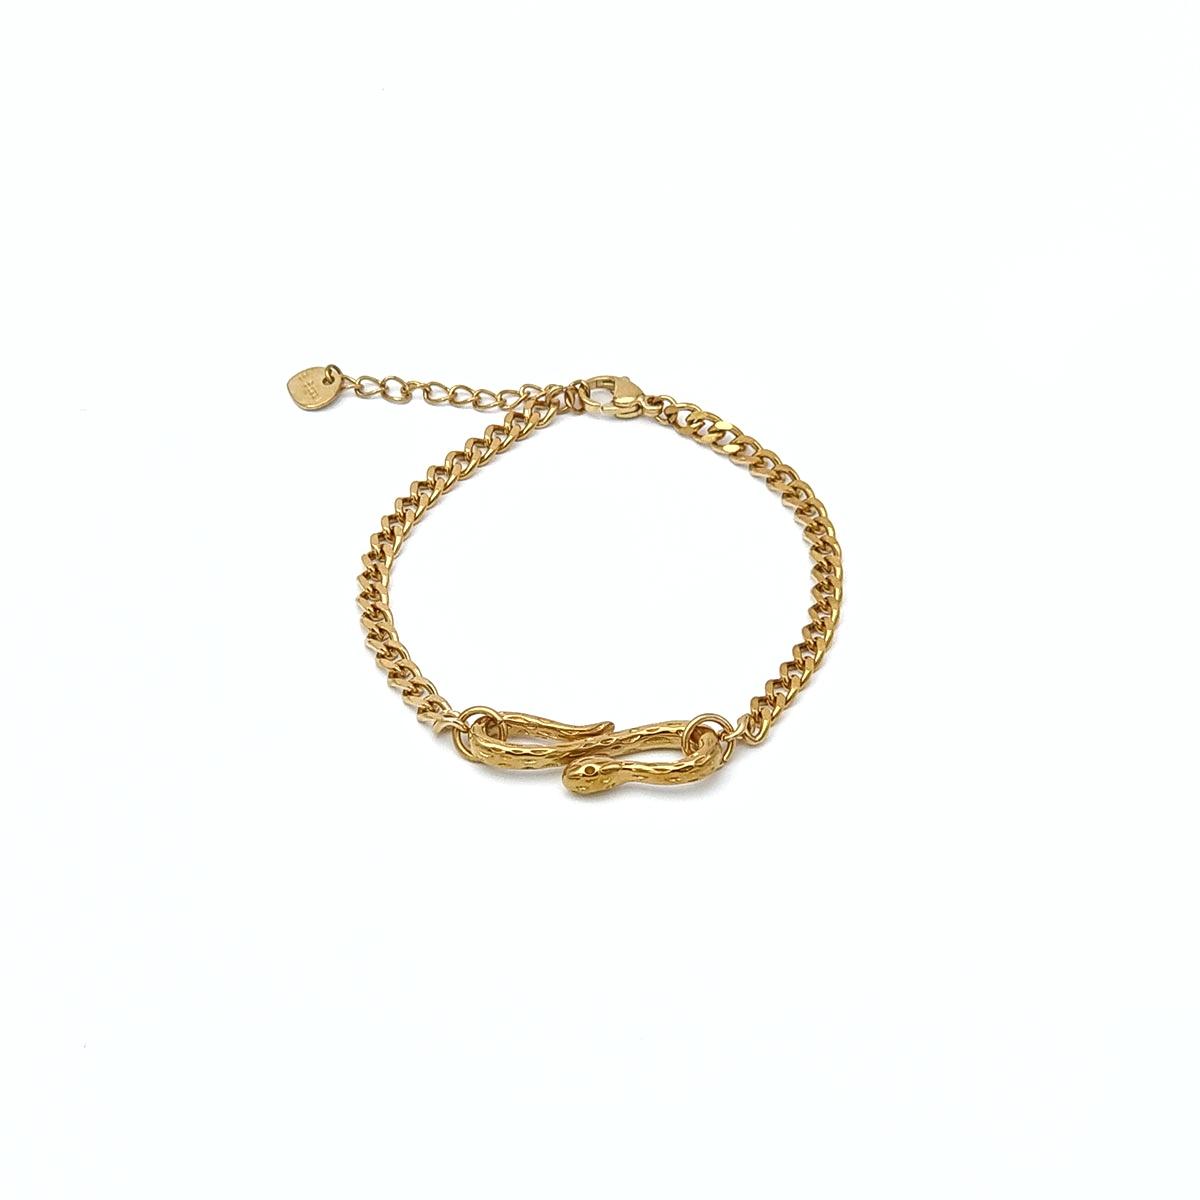 Βραχιόλι χρυσό αλυσίδα με φίδι